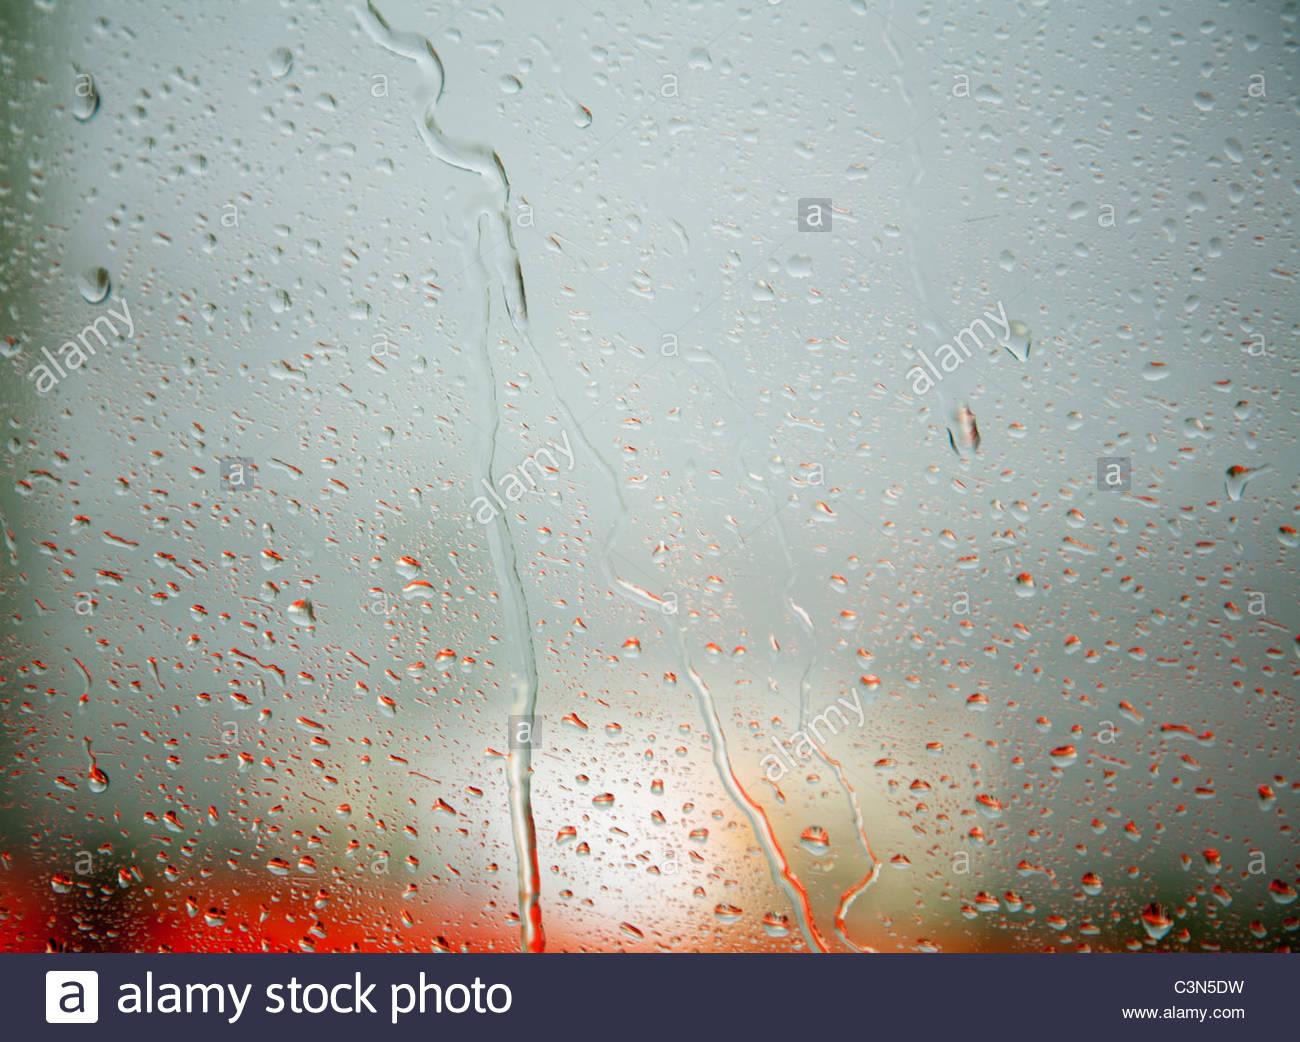 Las gotas de lluvia en la ventana, rojo autobús detrás Imagen De Stock